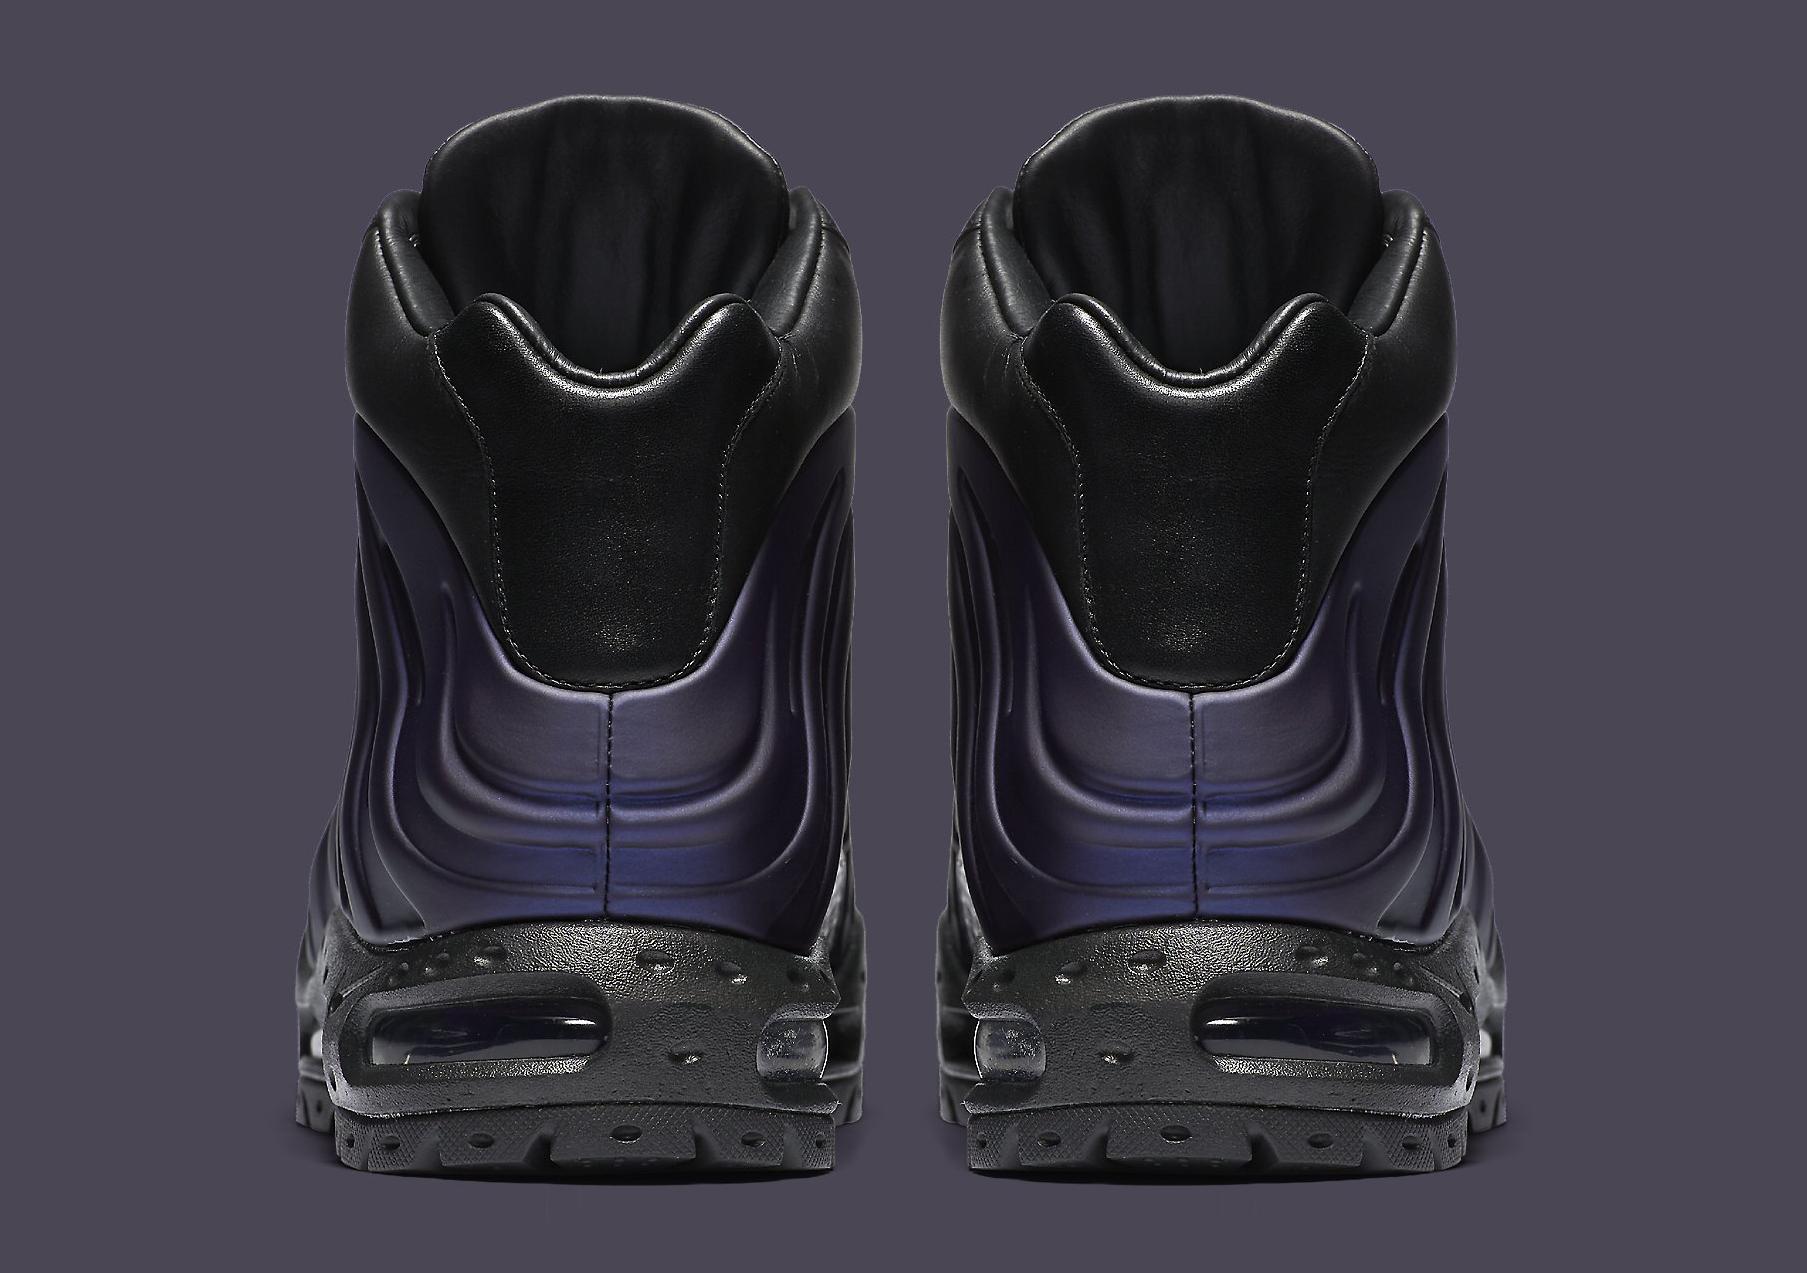 Nike Air Max Foamdome Eggplant 843749-500 Heel